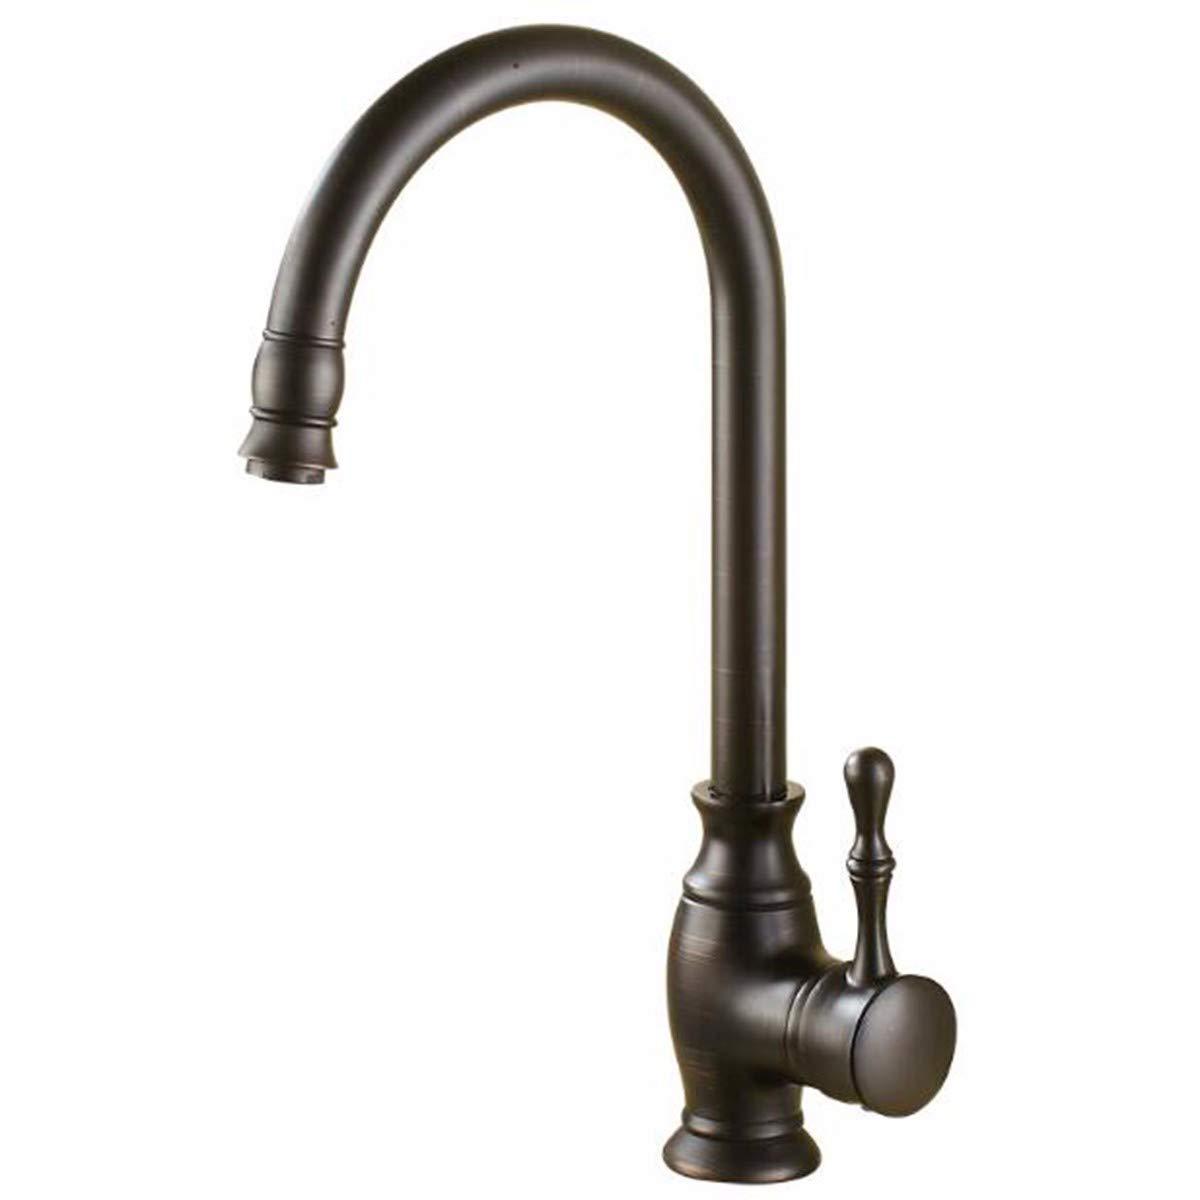 Kitchen faucet Kitchen Sink Black Copper Faucet All Copper European Cold Water Heater Black Imitation Antique Basin Pots.